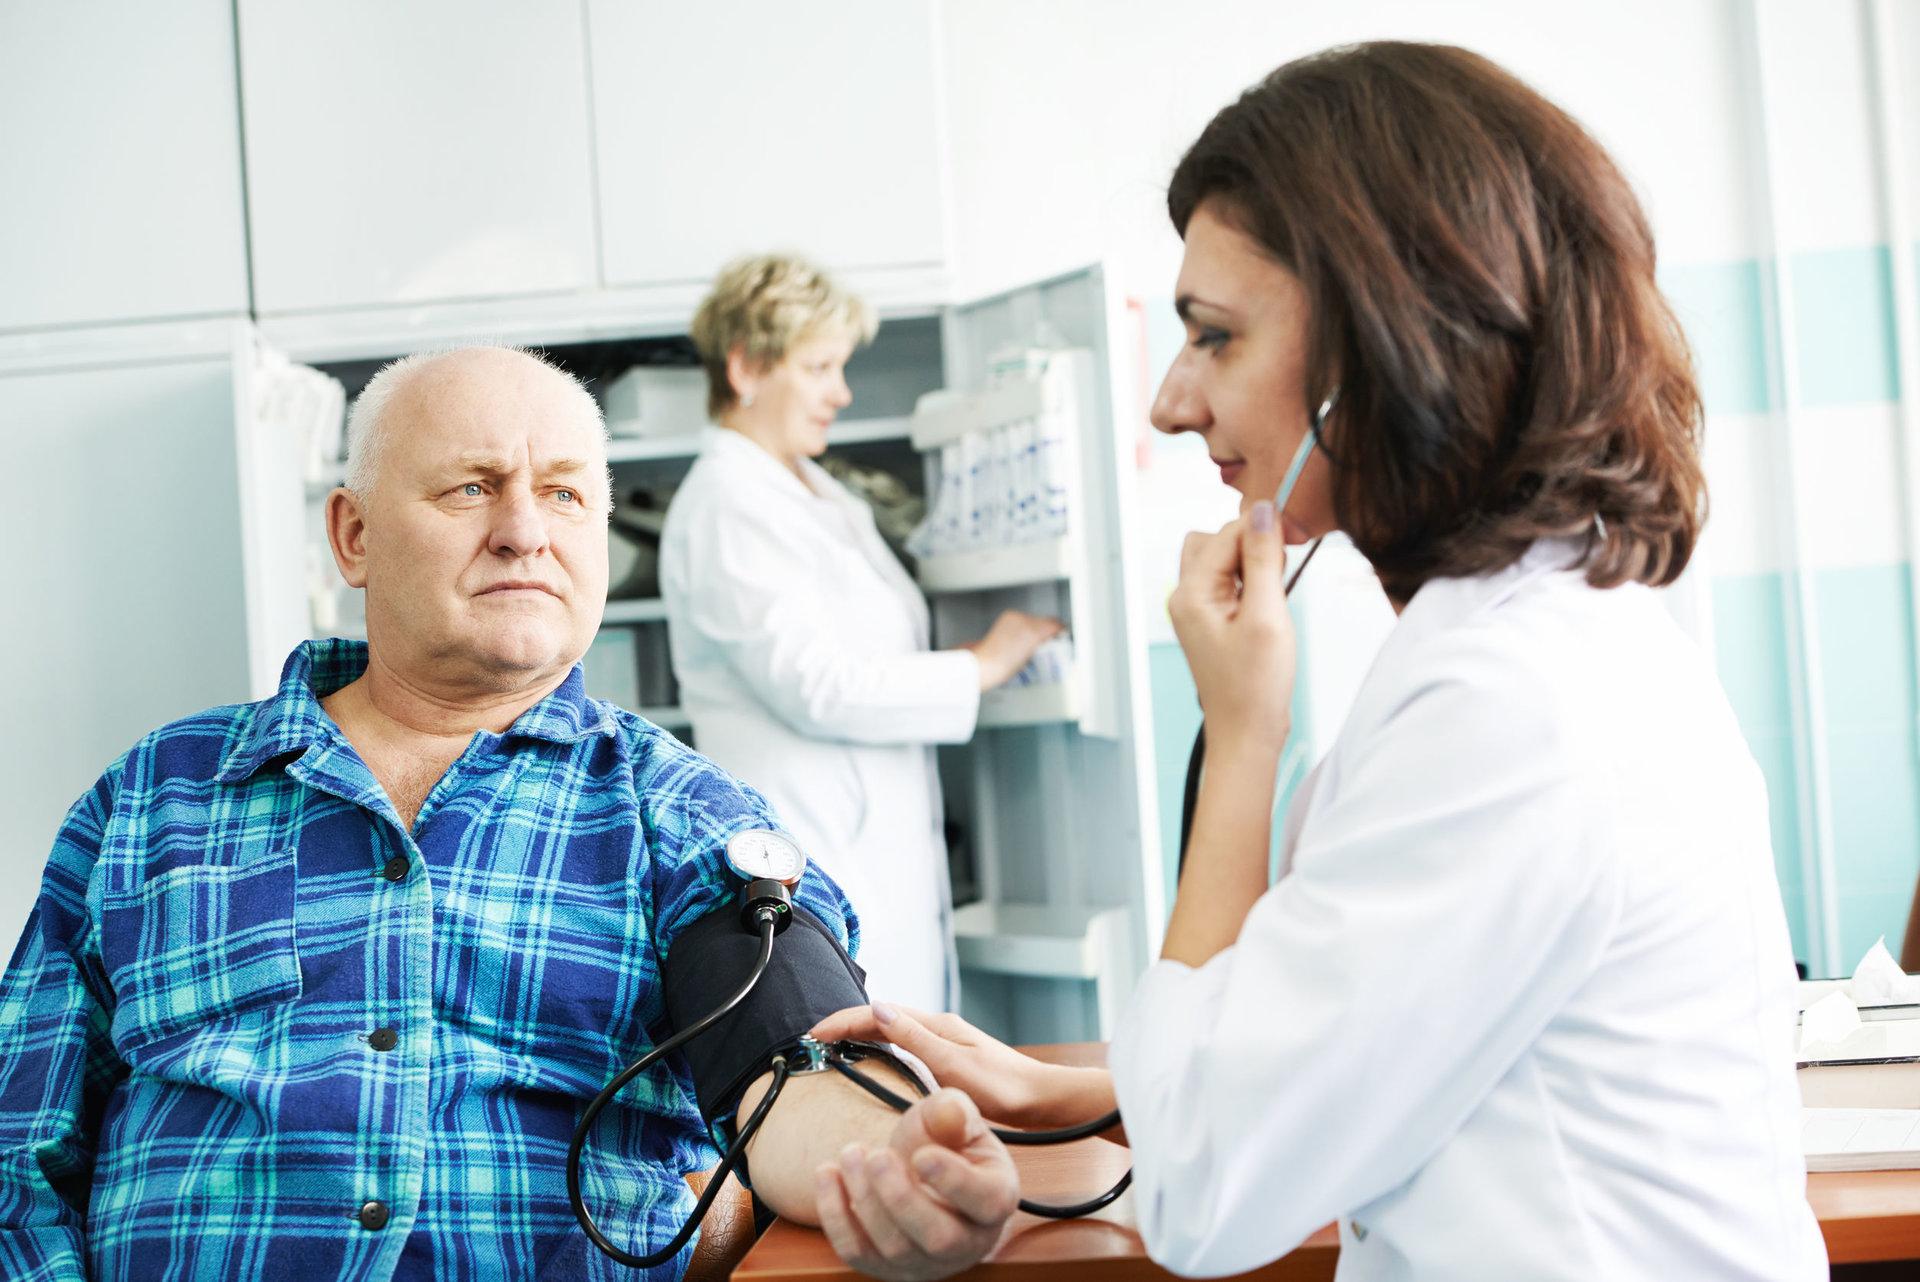 Padidėjusio kraujospūdžio priežastys ir pasekmės. Ką daryti? - DELFI Gyvenimas